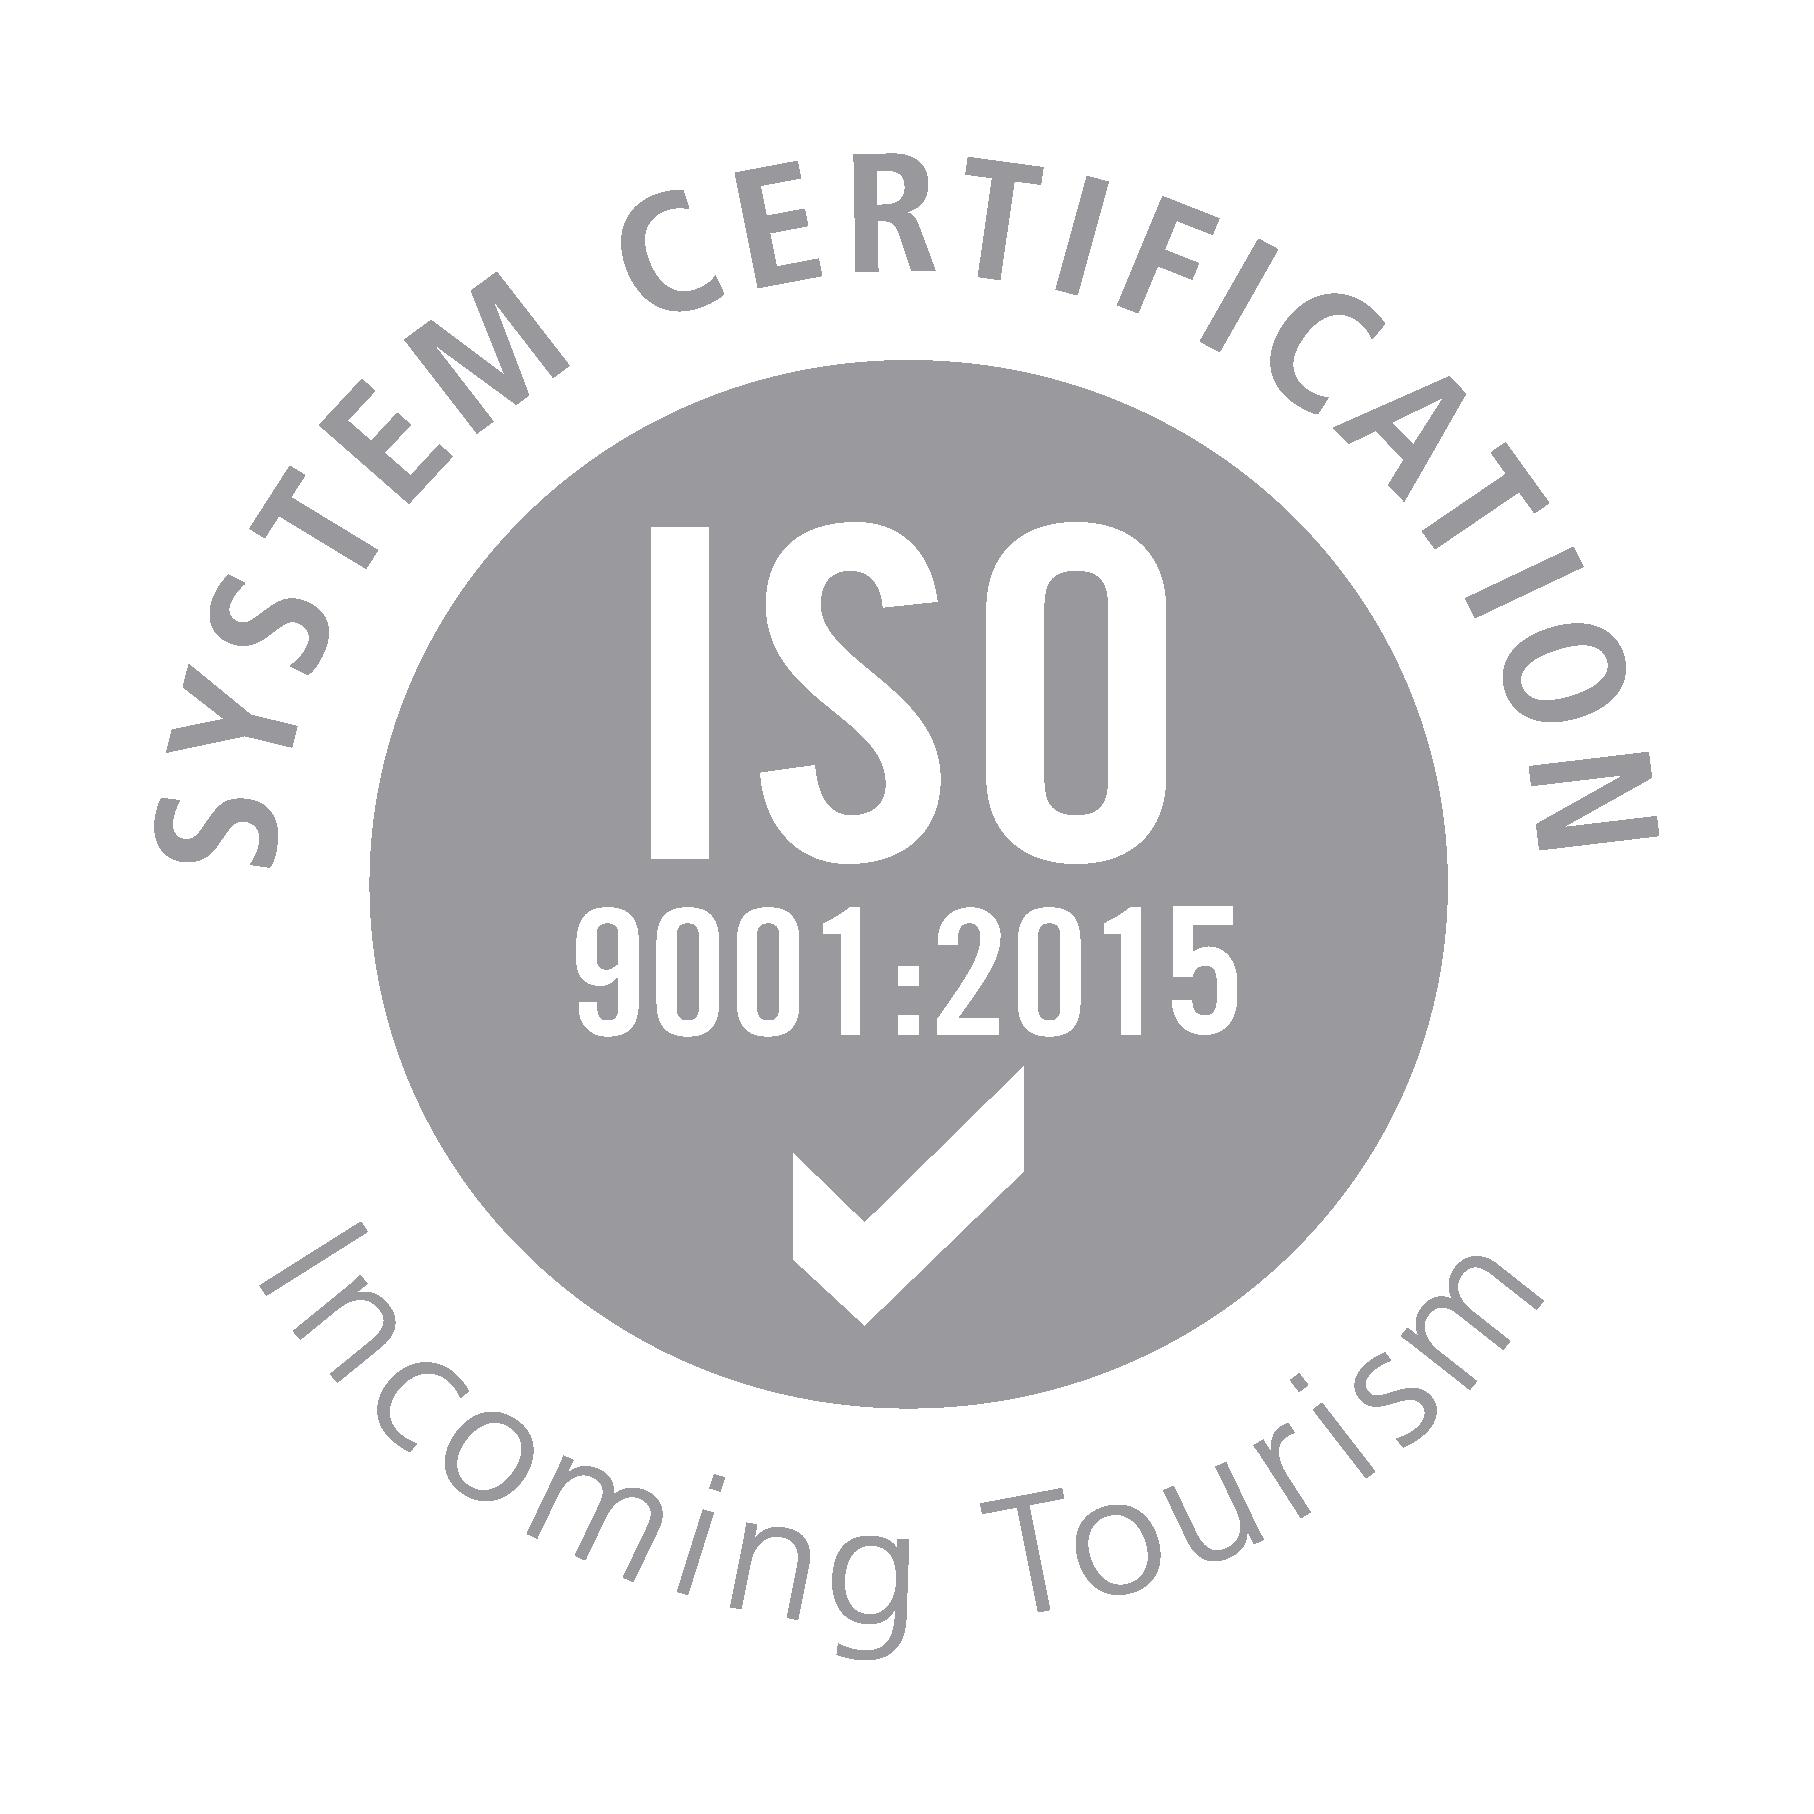 https://www.iso.org/certification.html